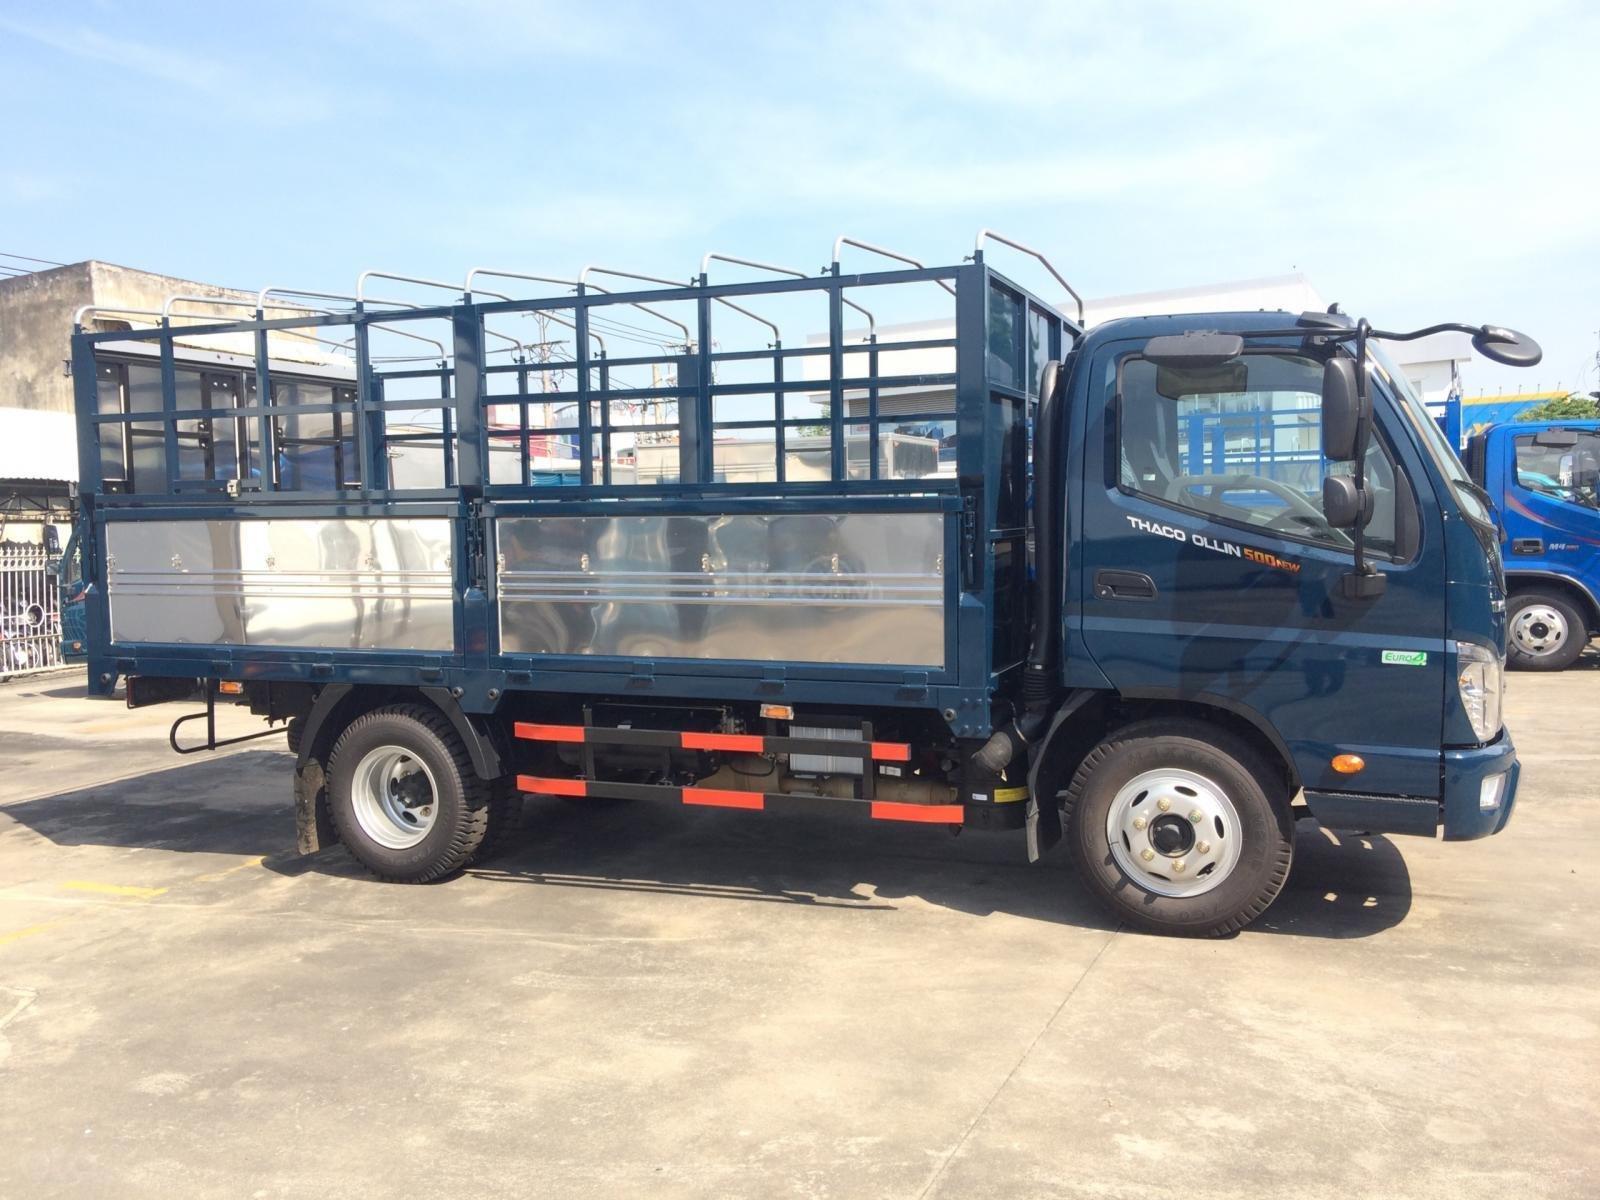 Bán xe Thaco OLLIN 500. E4 5 tấn, thùng 4,35 mét giá 439 triệu. Lh Lộc 0937616037 (3)